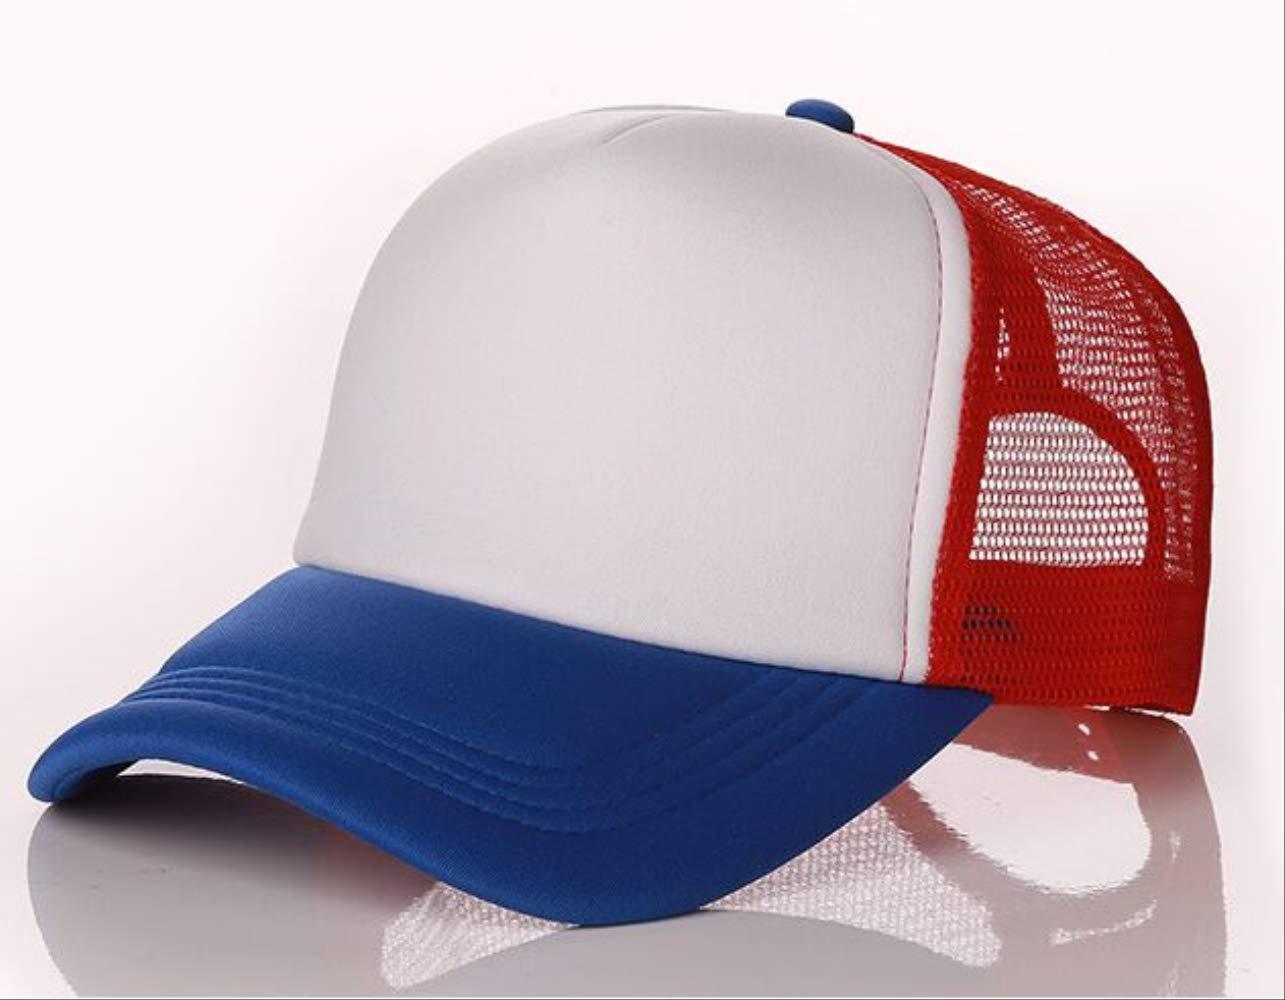 figjtrgh Berretto da Baseball da Donna in Poliestere da Uomo Logo Trucker Hat 48-52cm Blu Bianco Rosso Kids